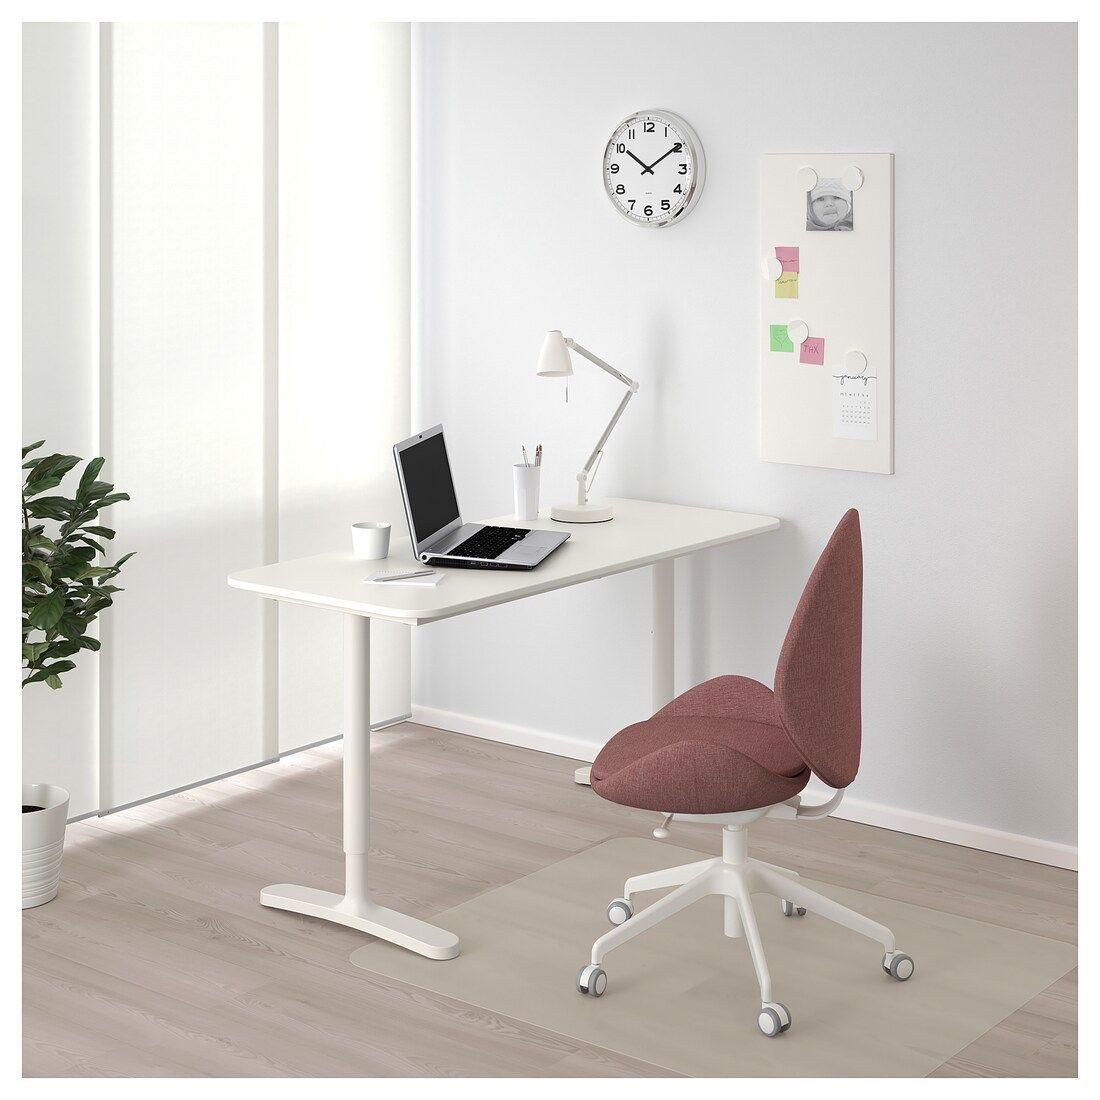 Bekant Desk White 140x60 Cm Ikea Ireland Ikea Bekant Desk Ikea Bekant White Desks